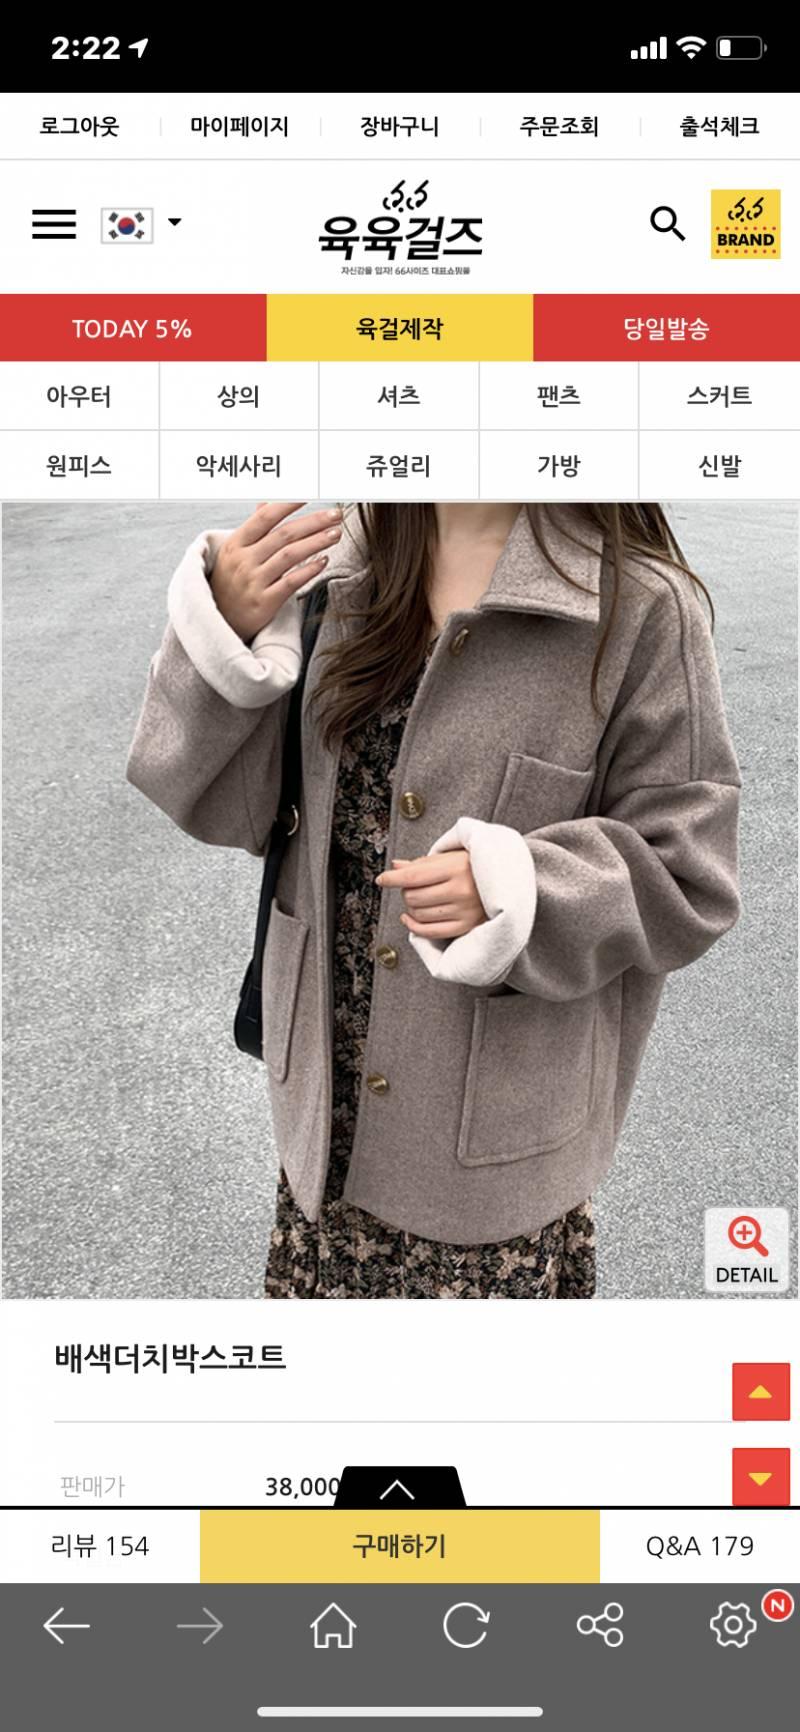 육육걸즈 육걸 이거 코트 사본익들 있어? | 인스티즈